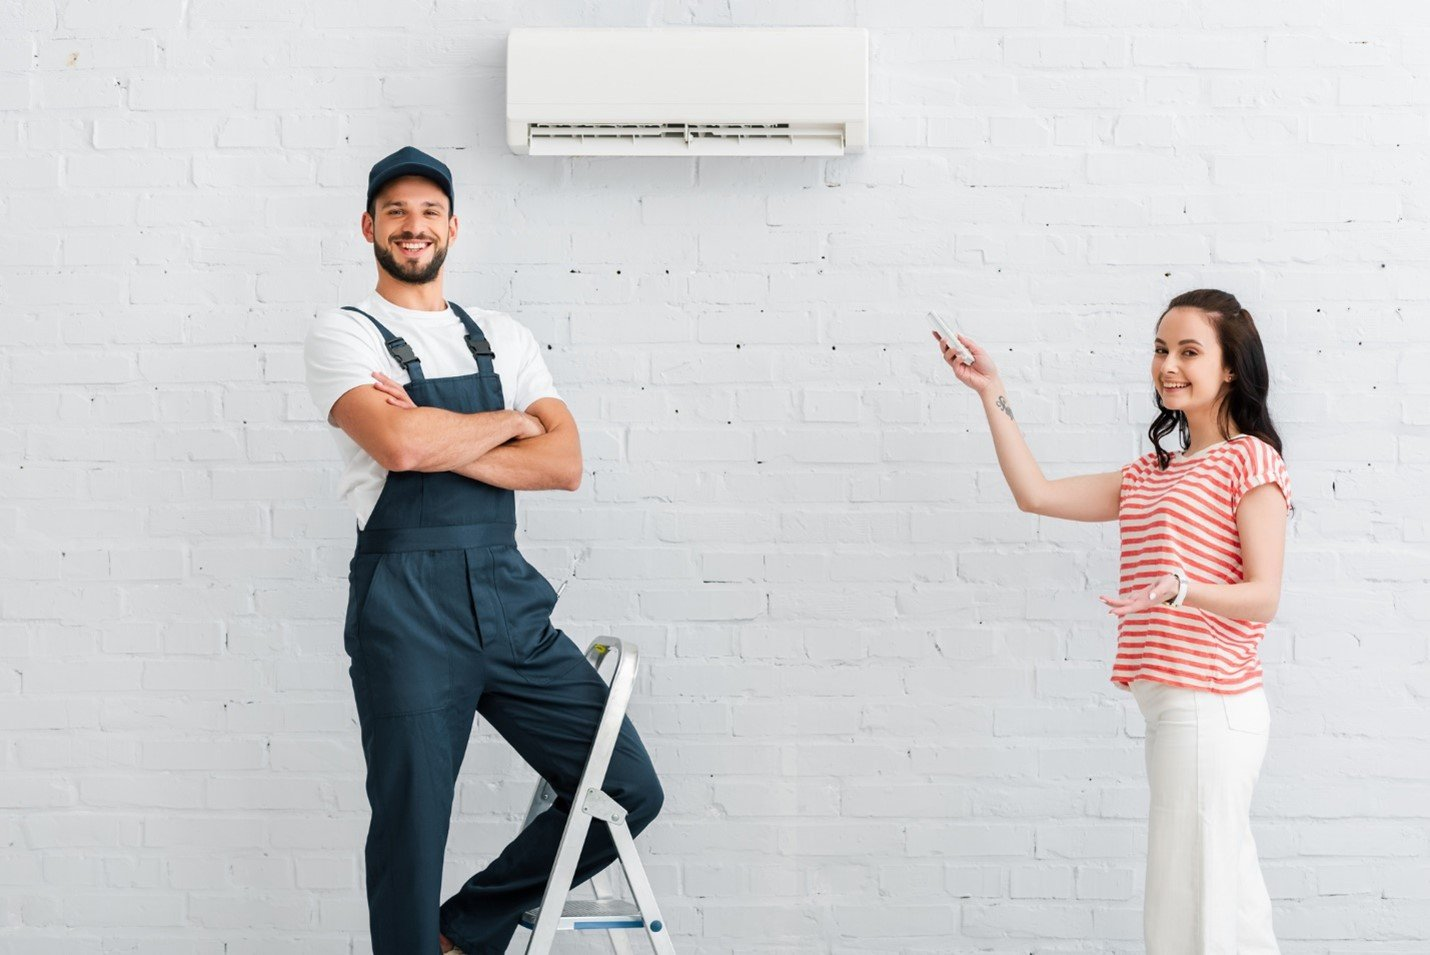 Air Conditioner Repair Person